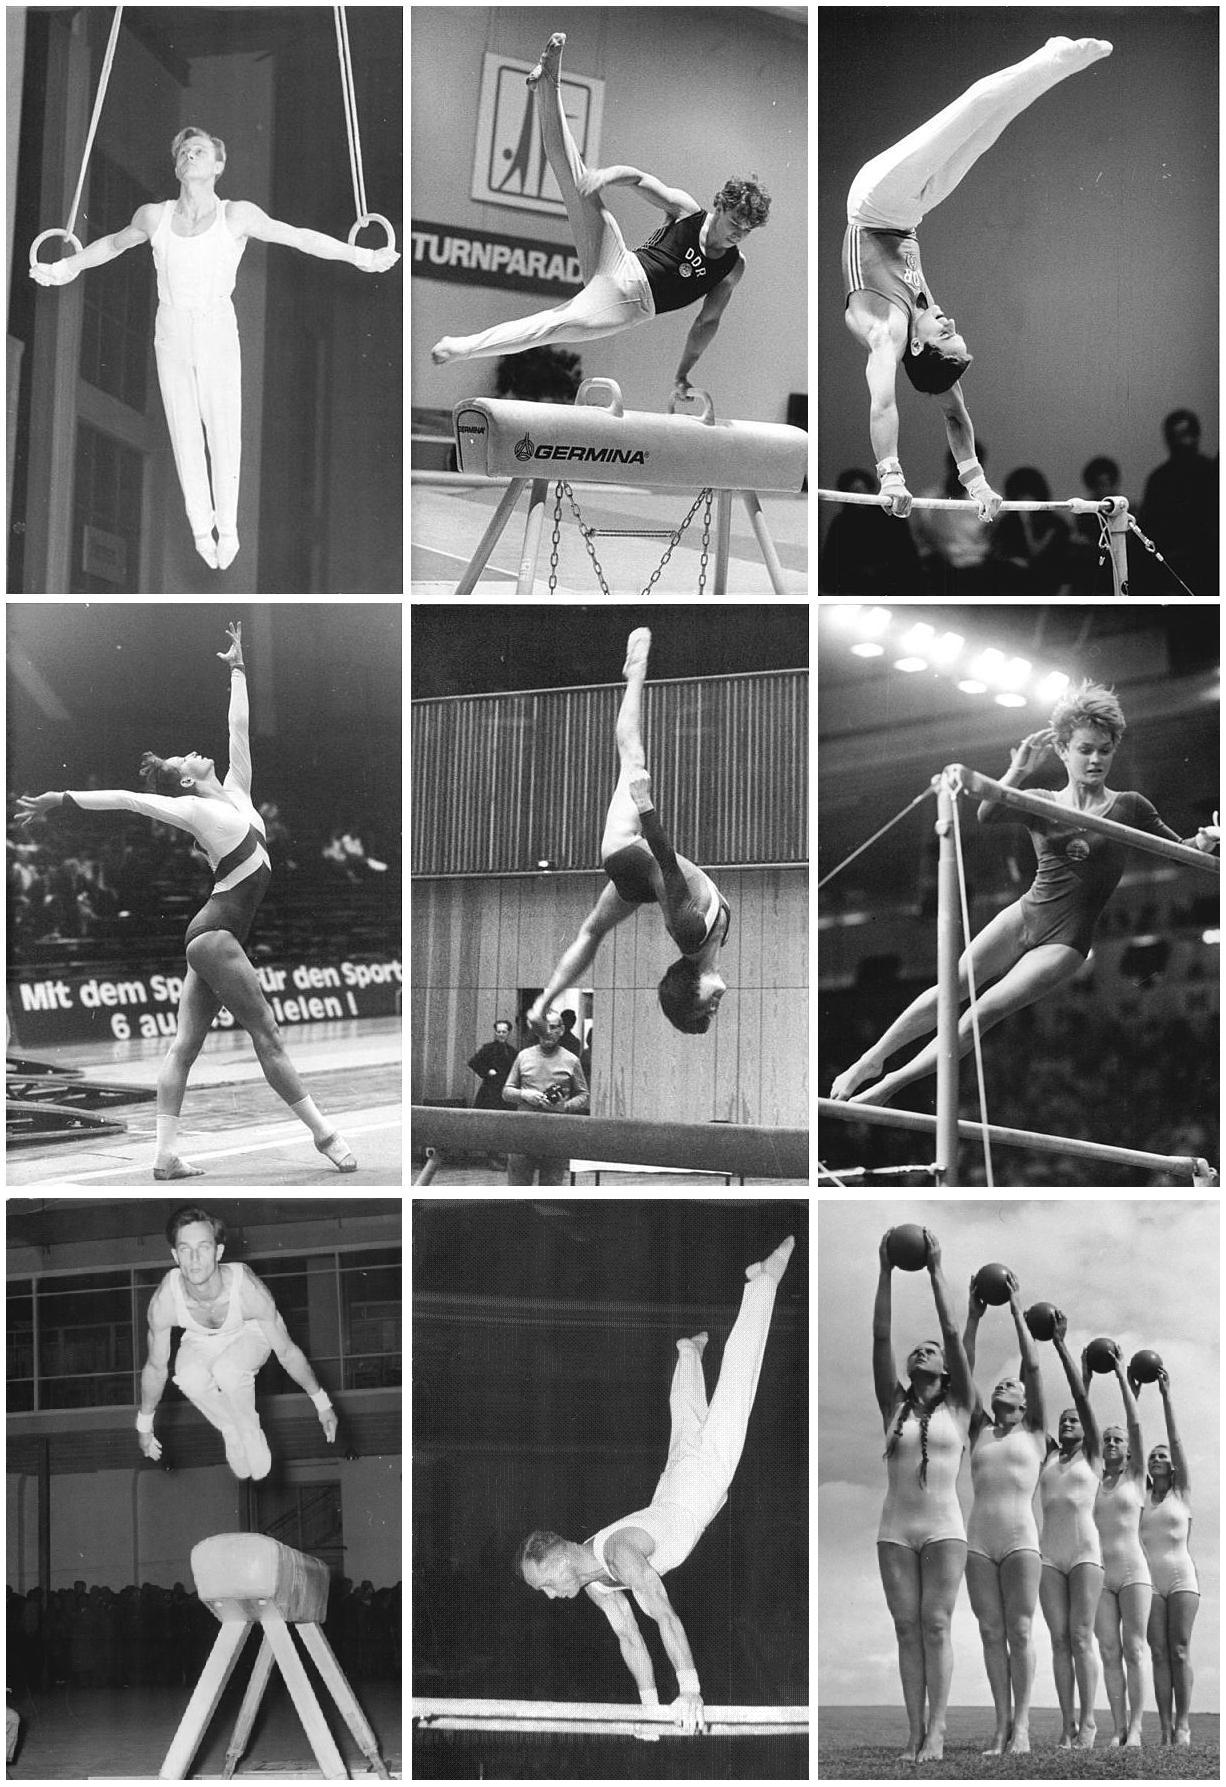 Fotos dos aparelhos da ginastica artistica 87